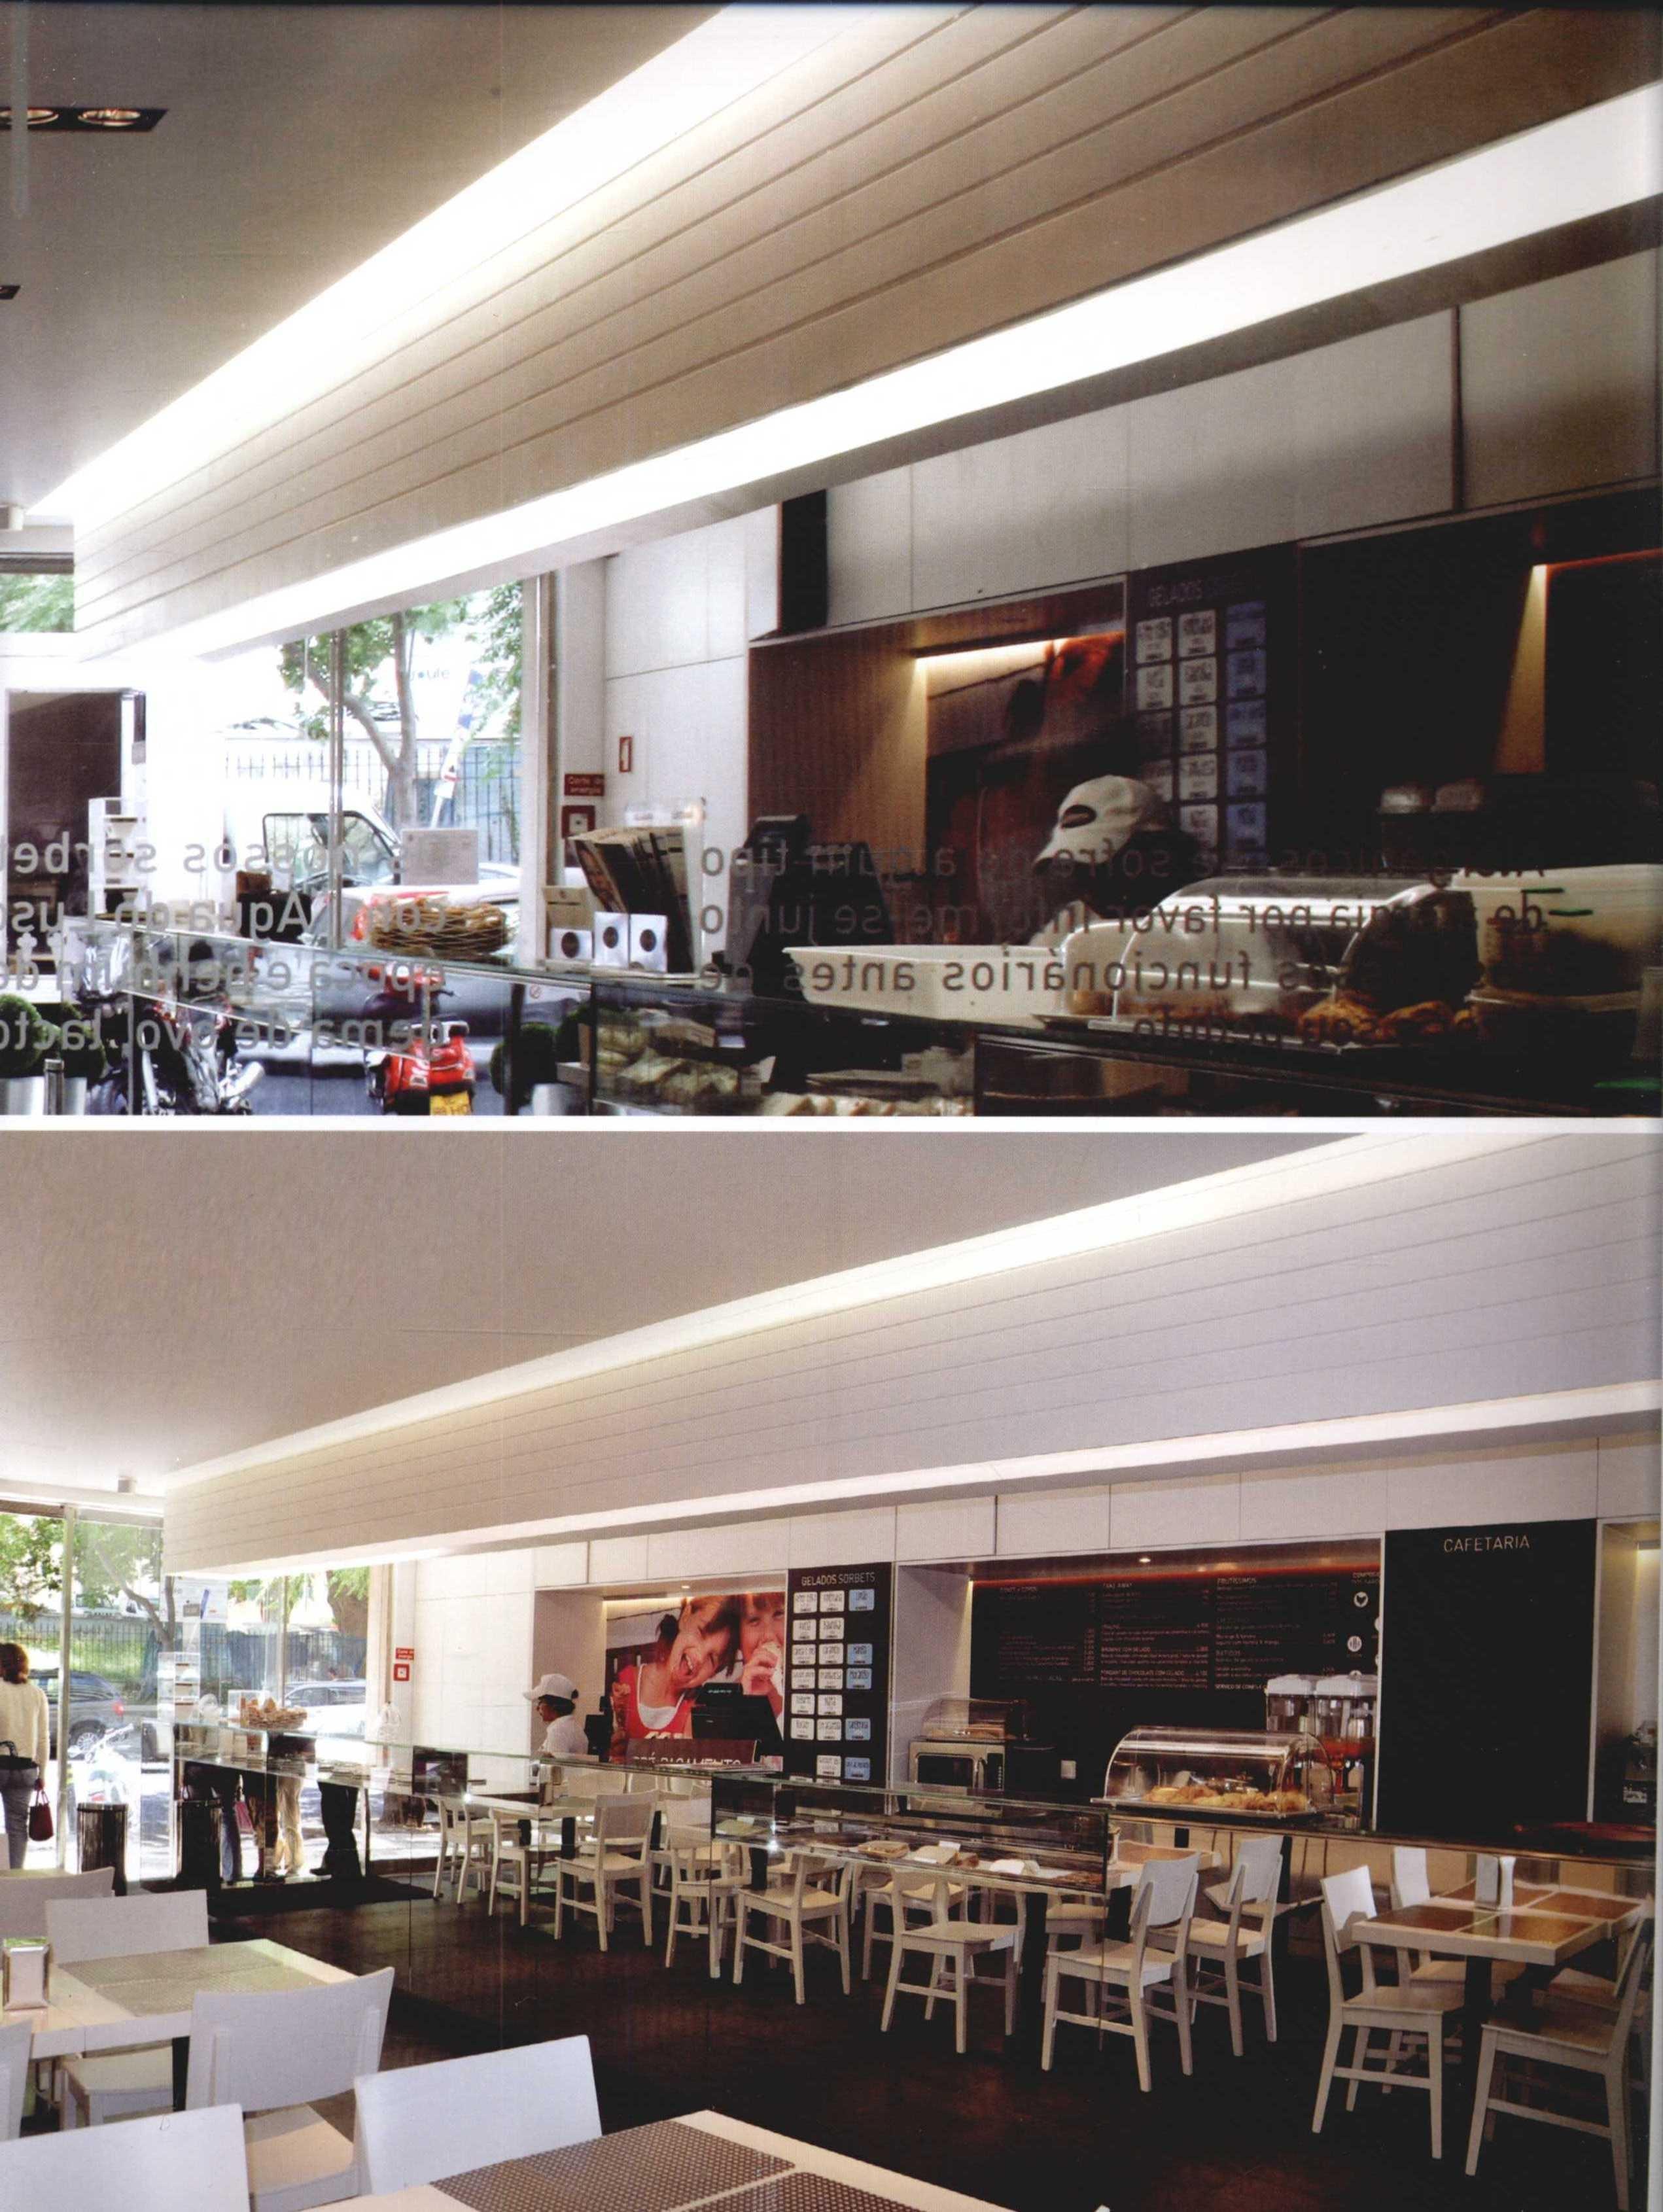 2012全球室内设计年鉴  餐饮_Page_336.jpg